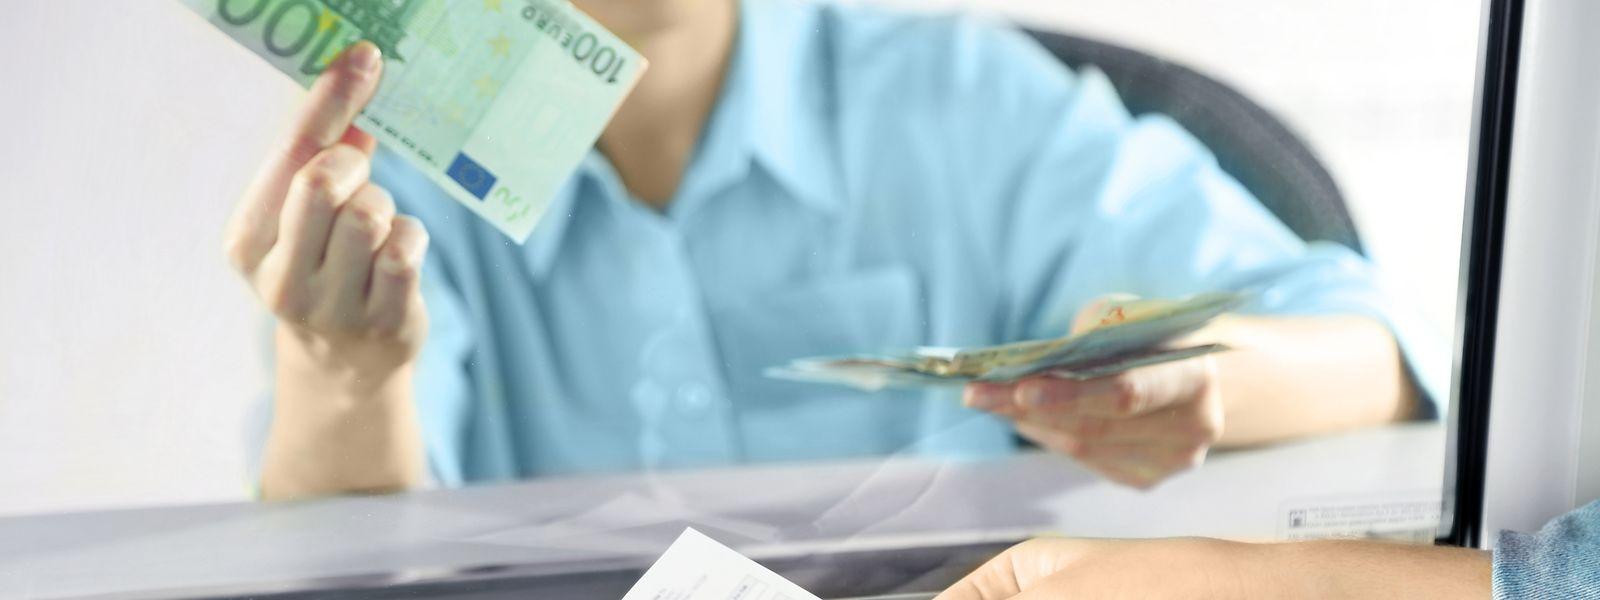 Die ULC kritisiert, dass viele Banken bei Barabhebungen am Schalter hohe Gebühren verlangen.